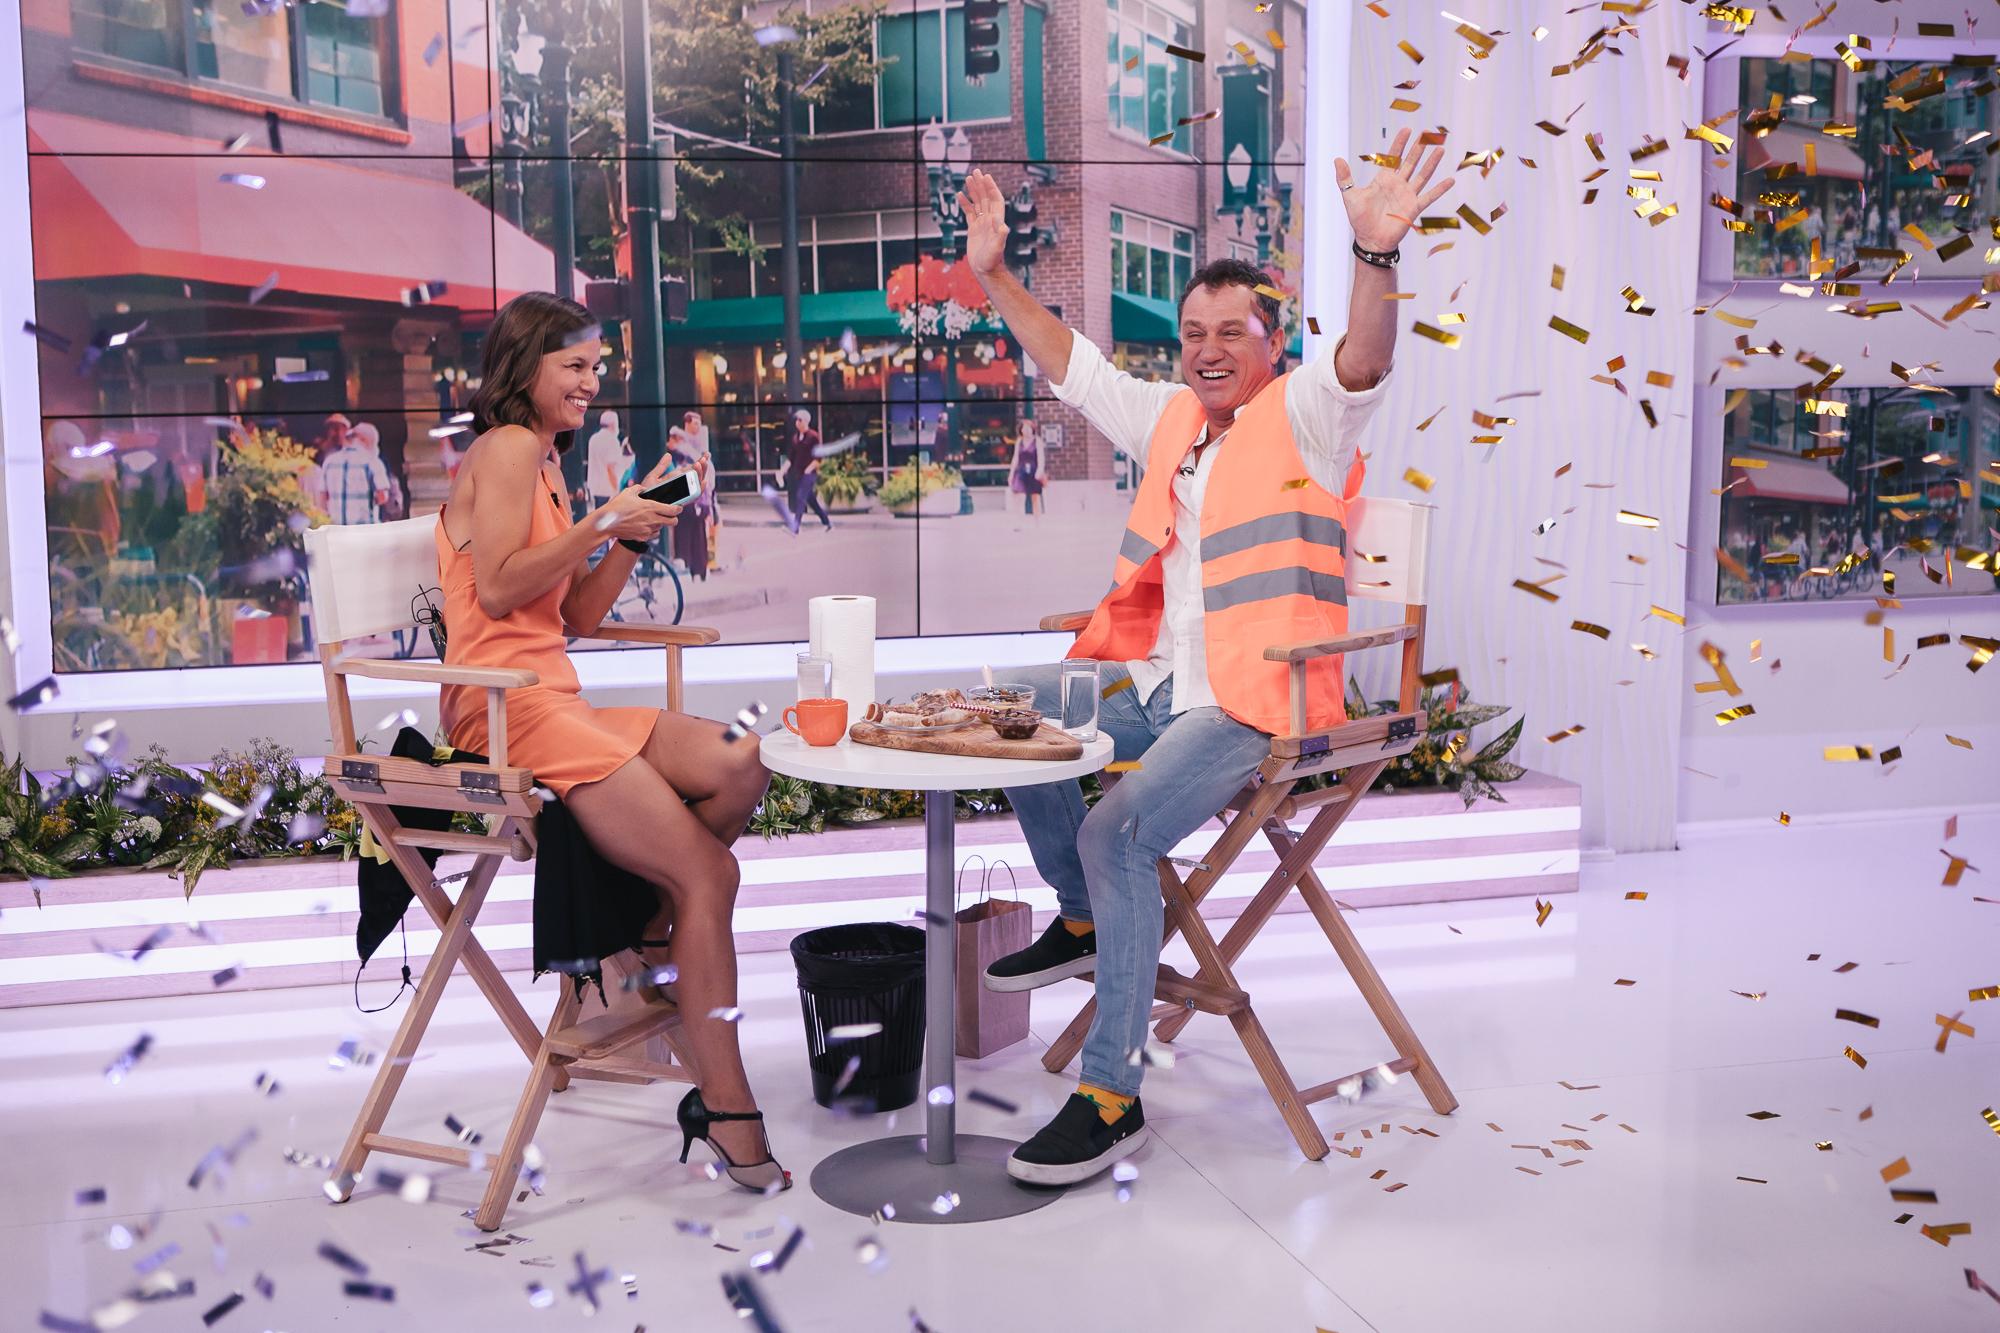 Анатолій Гнатюк у студії «Сніданку після Сніданку»: про знайомих мільйонерів, виграшний квиток та чотири одруження поспіль